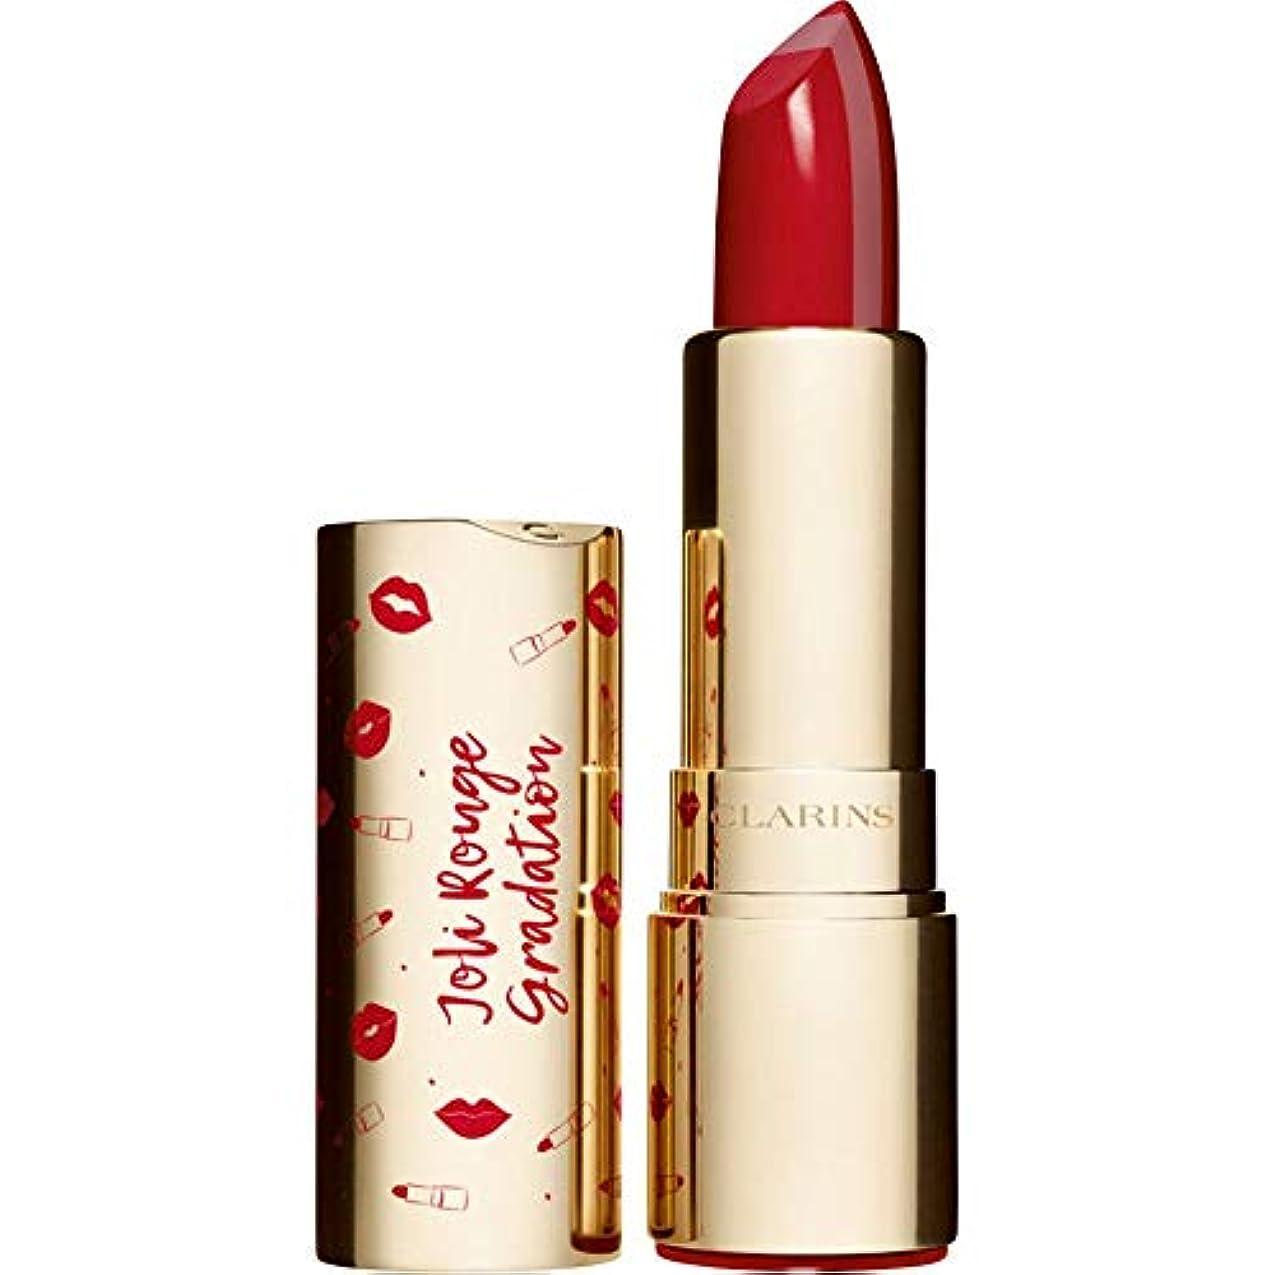 製造砂むしろ[Clarins ] クラランスジョリルージュグラデーションツートンカラーの口紅3.5グラム802 - 赤のグラデーション - Clarins Joli Rouge Gradation Two-Toned Lipstick...